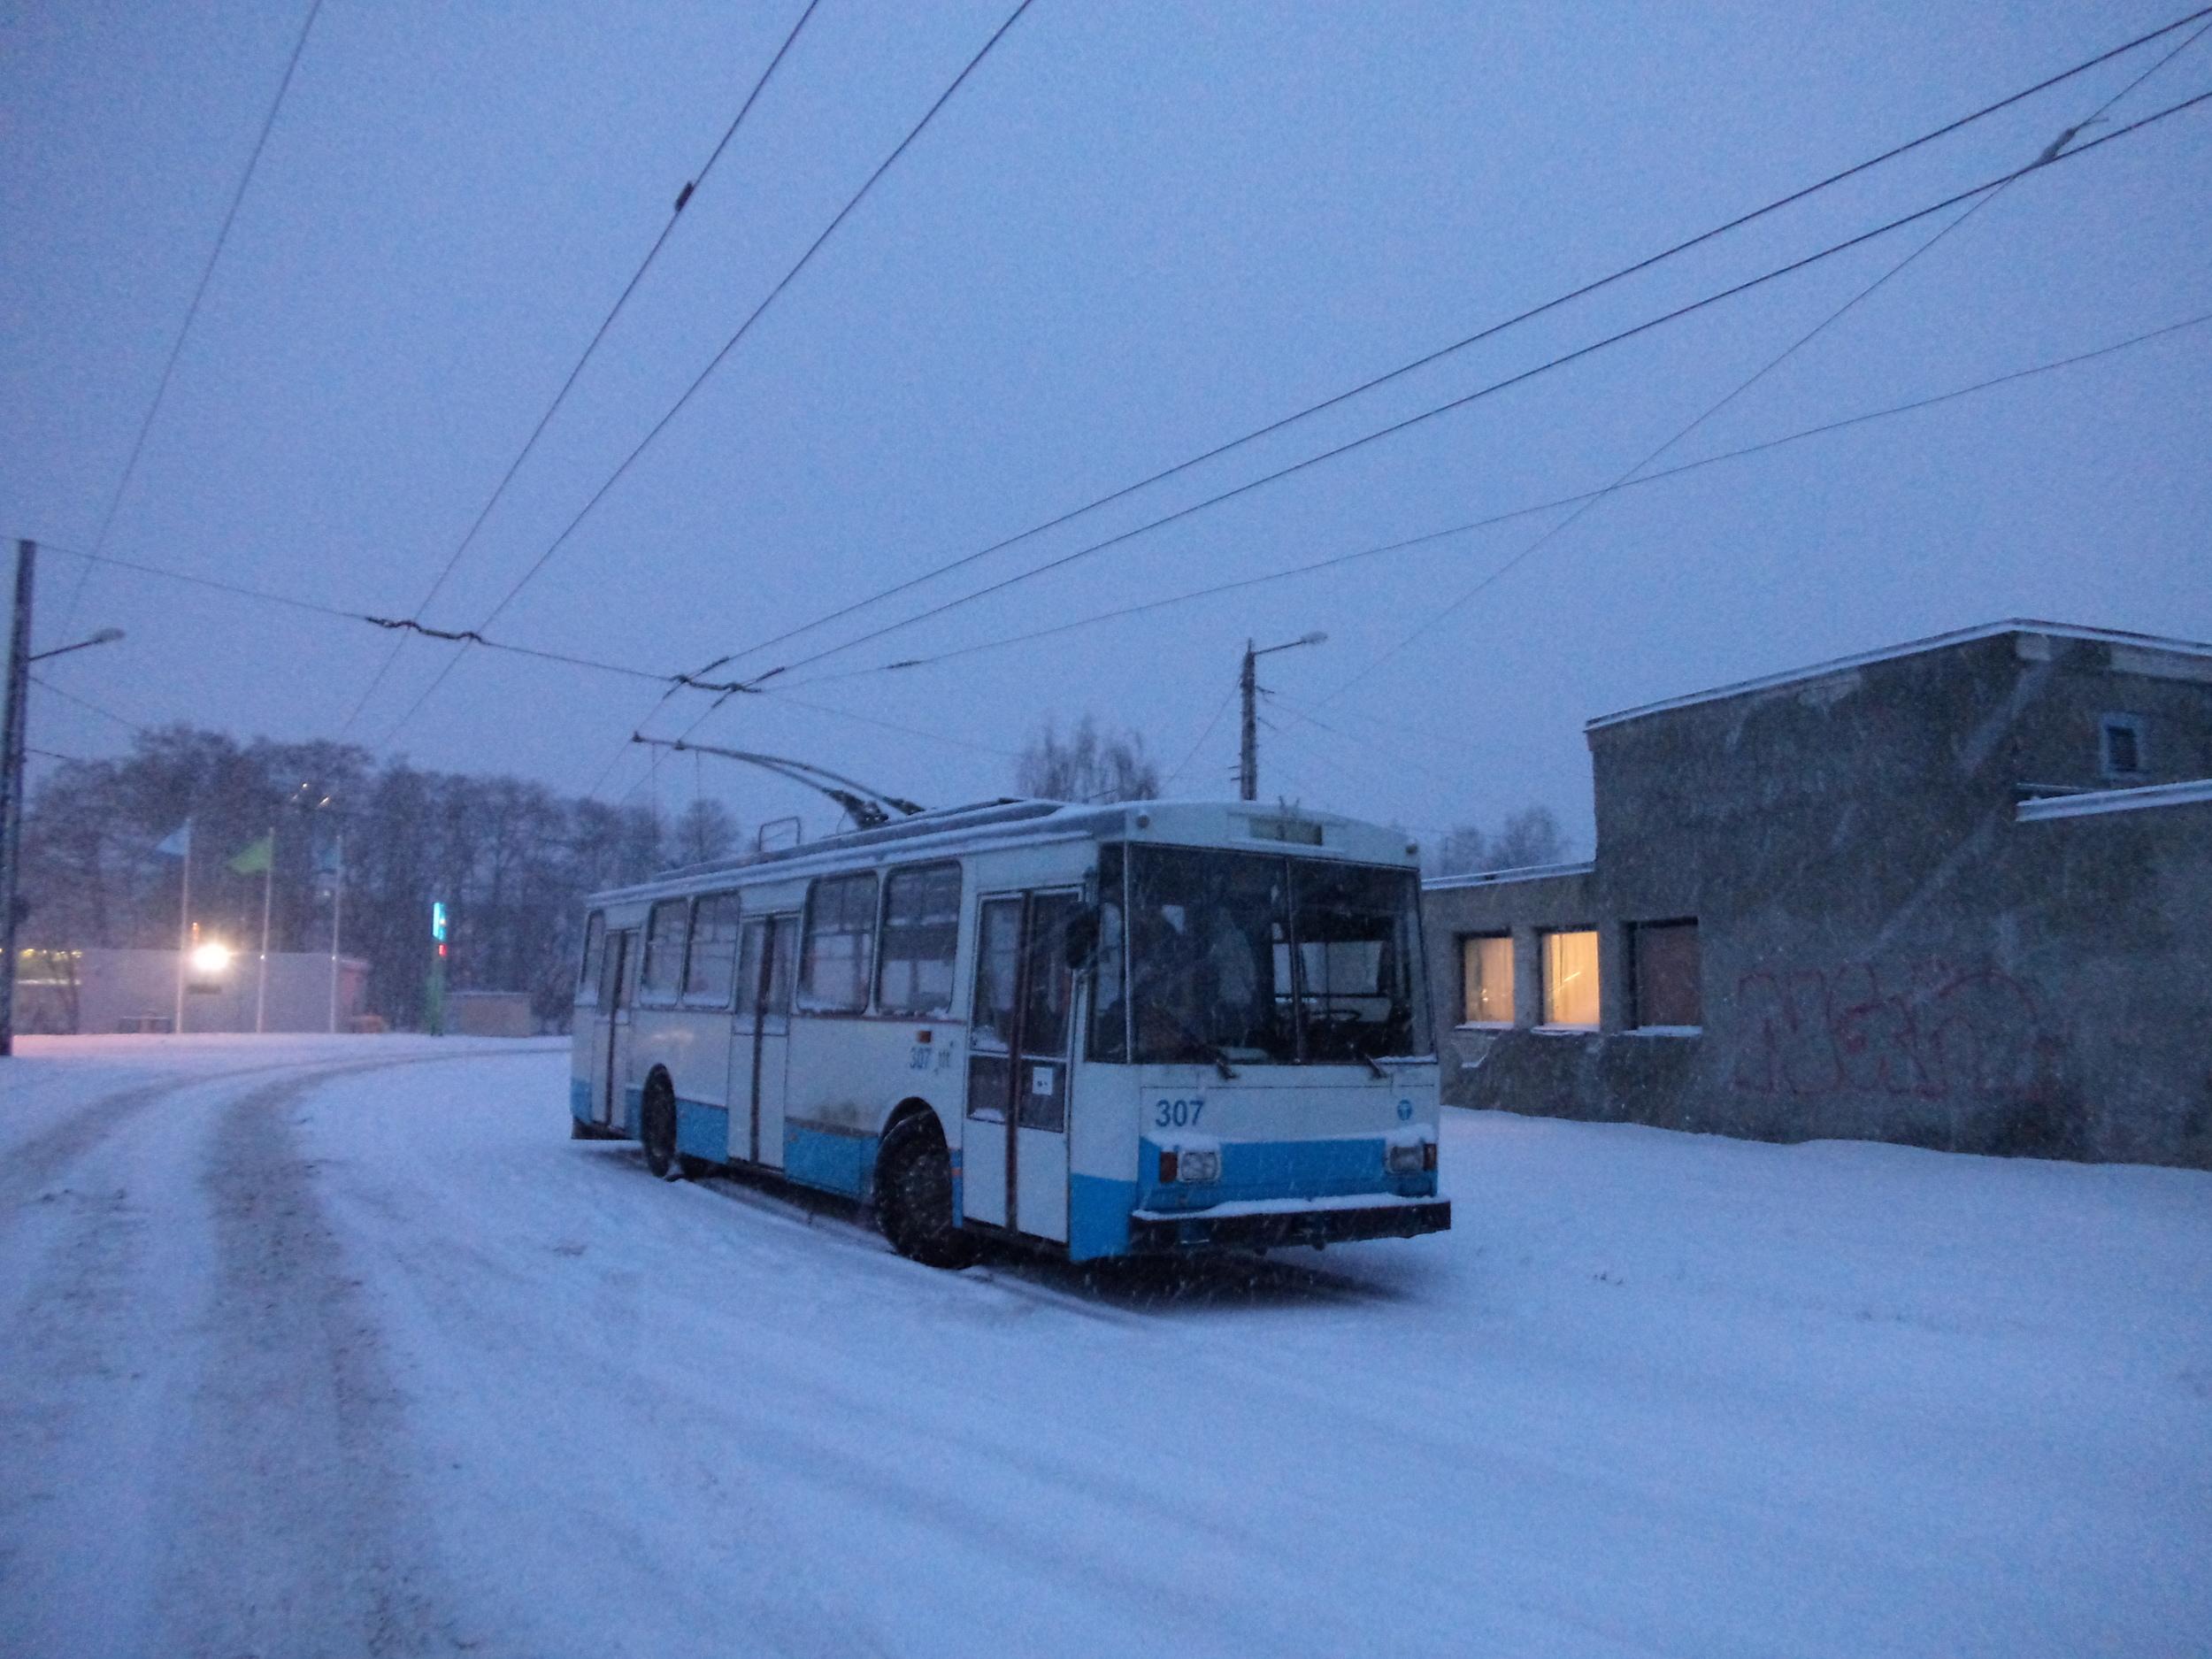 Snímek z 3. 1. 2016 dokazuje, že trolejbusy Škoda 14 Tr jsou zatím stále nasazovány do provozu, přestože došlo k výraznému omezení vypravenosti po zrušení dvou trolejbusových linek. Brzy by však mělo všem škodováckým vozům v ulicích estonské metropole odzvonit. (foto: Ing. Vít Hinčica, Ph.D.)